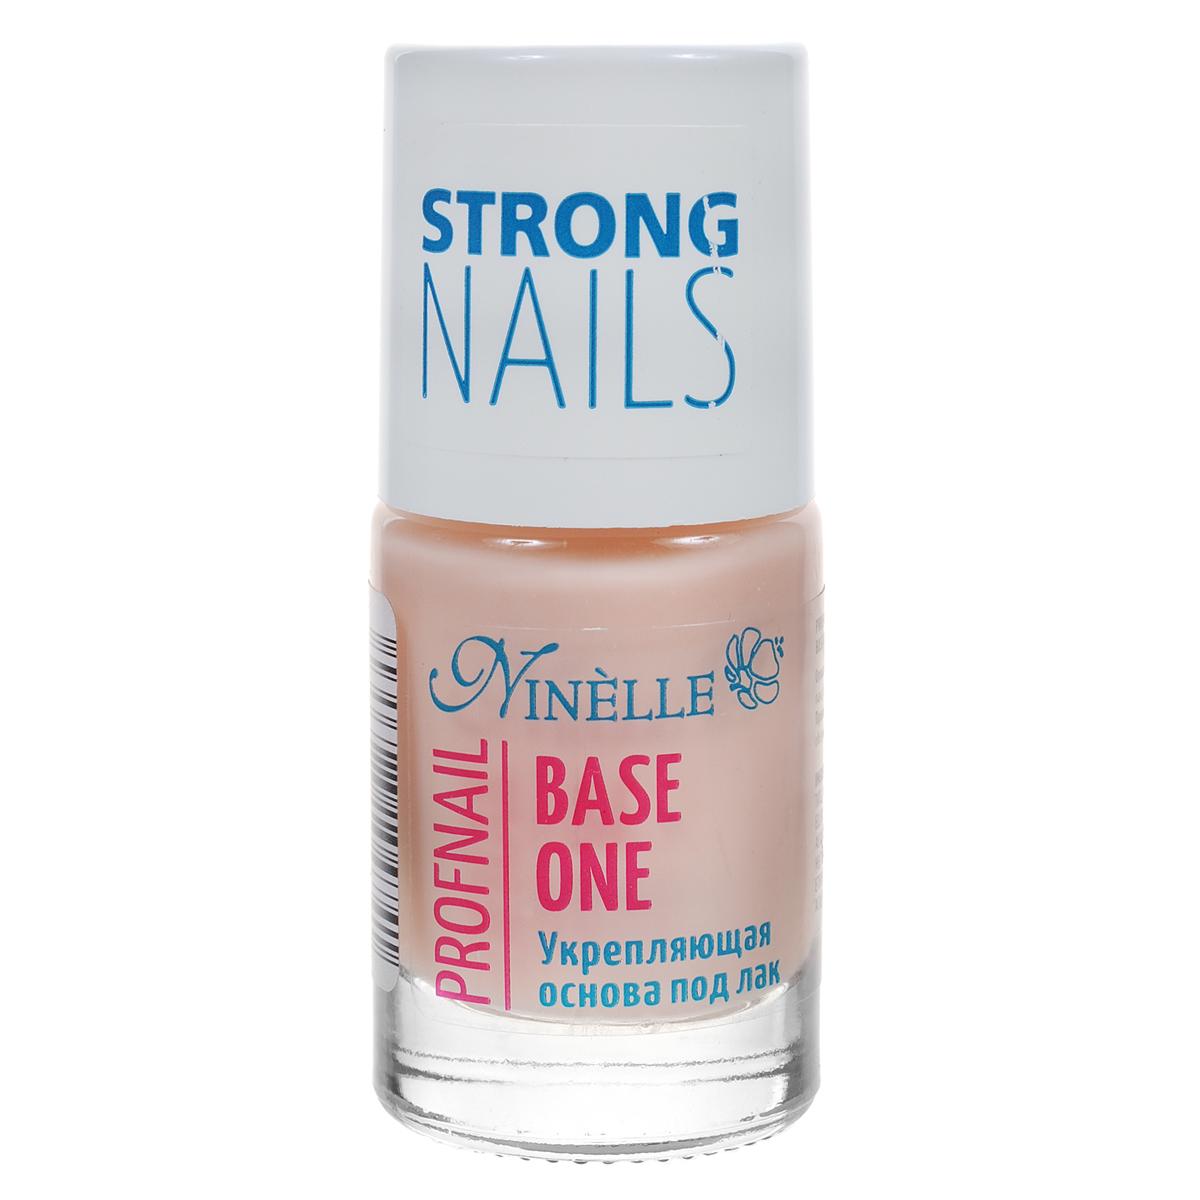 Ninelle Укрепляющая основа под лак Bace One, 11 мл765N10474Тонко сбалансированный состав с витаминами сделает Ваши ногти крепкими, здоровыми и естественными. При нанесении образуется тонкая, прозрачная пленка, которая выравнивает и сглаживает дефекты. Быстро сохнет, защищает ноготь от воздействия окружающей среды.Товар сертифицирован.